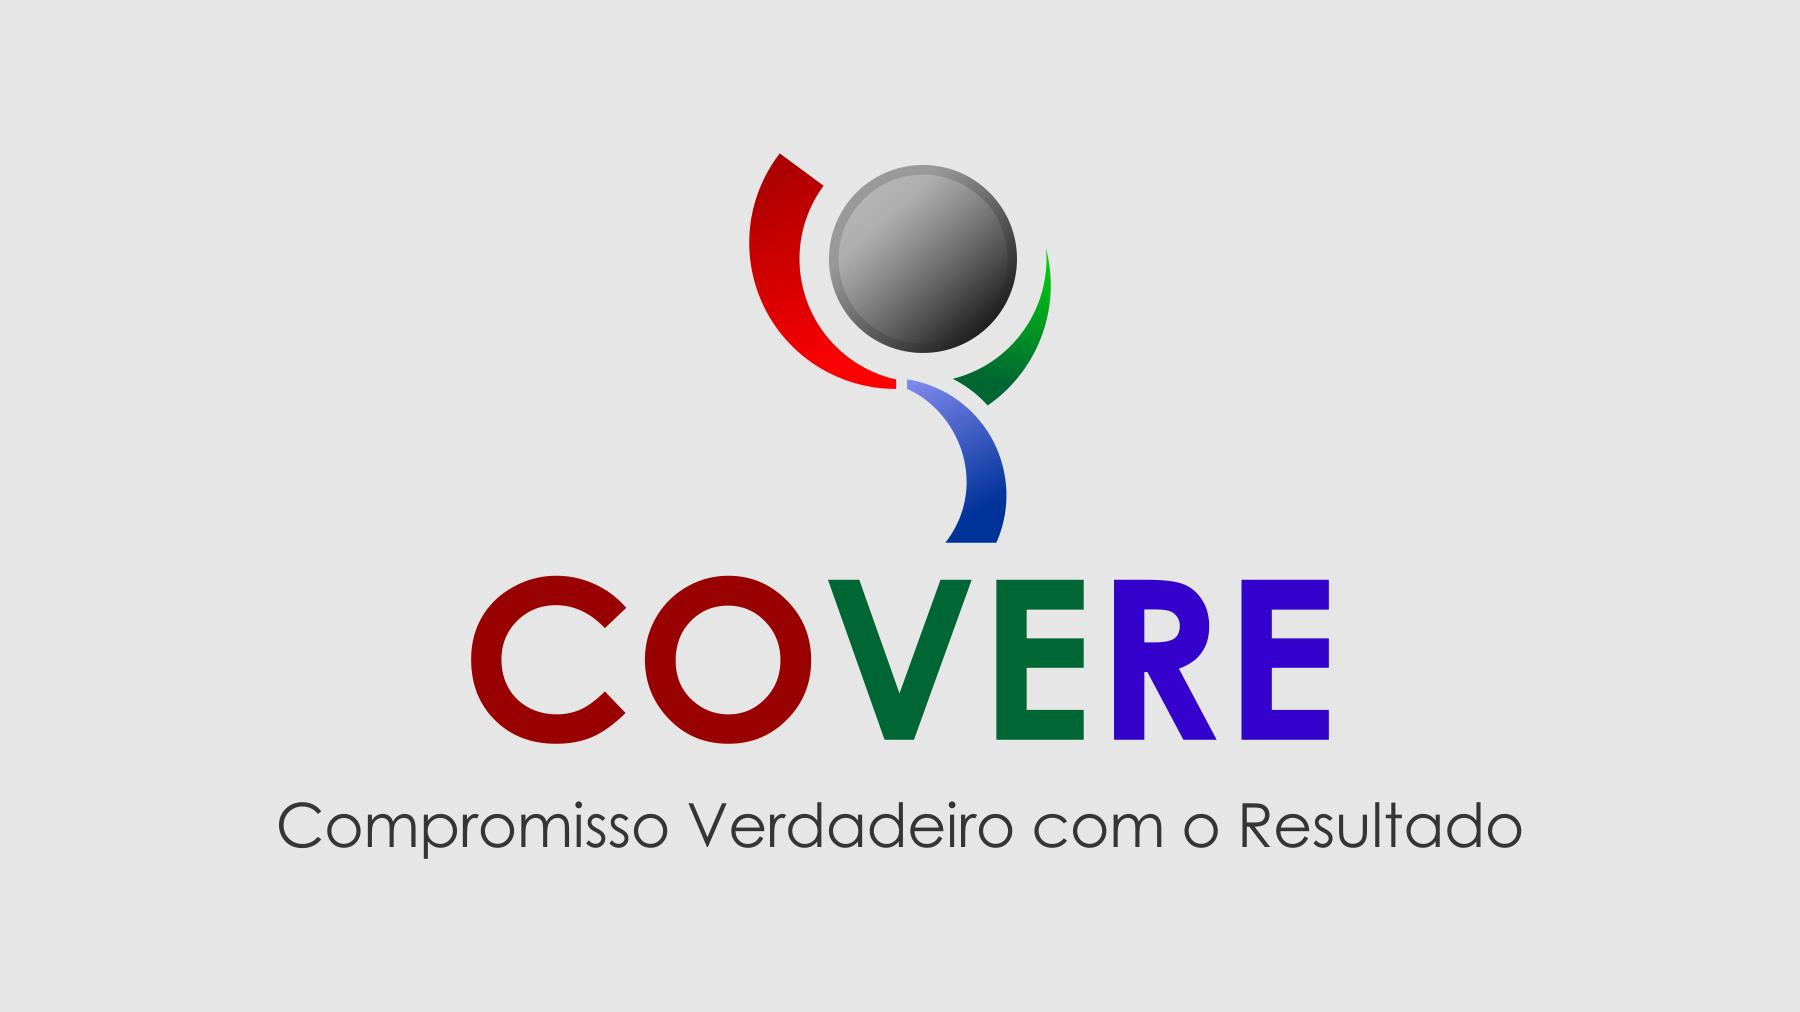 COVERE